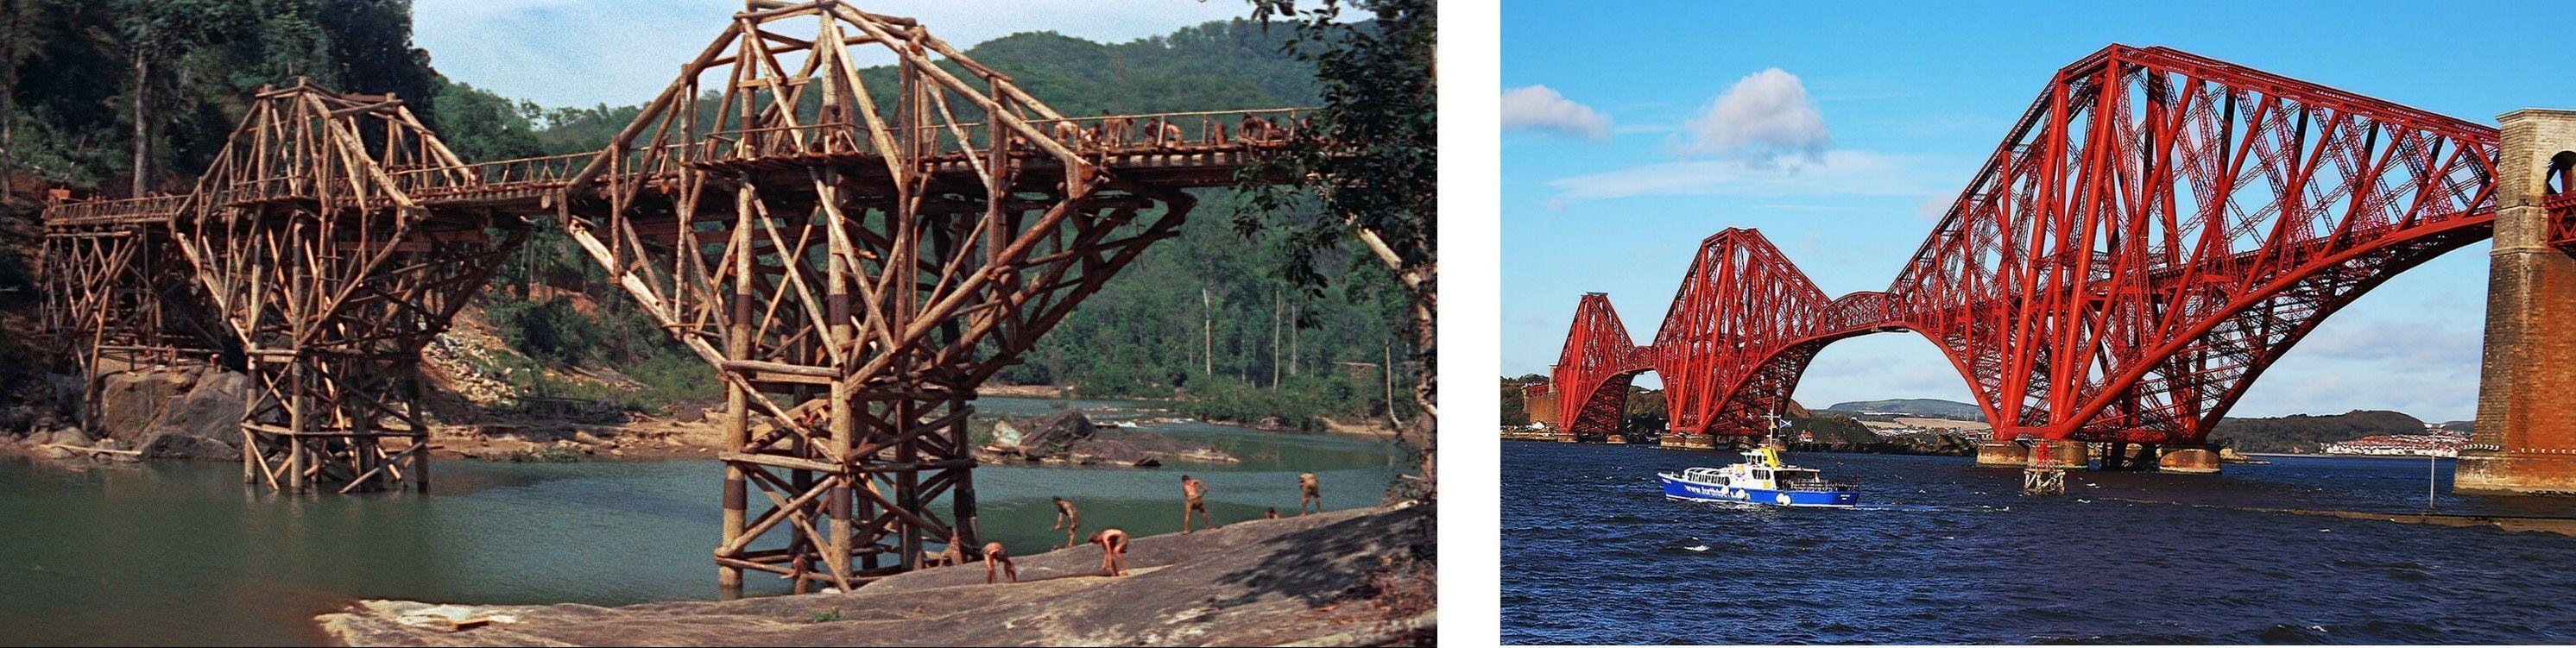 A la izquierda el puente construido para la película  y a la derecha el Puente de Forth